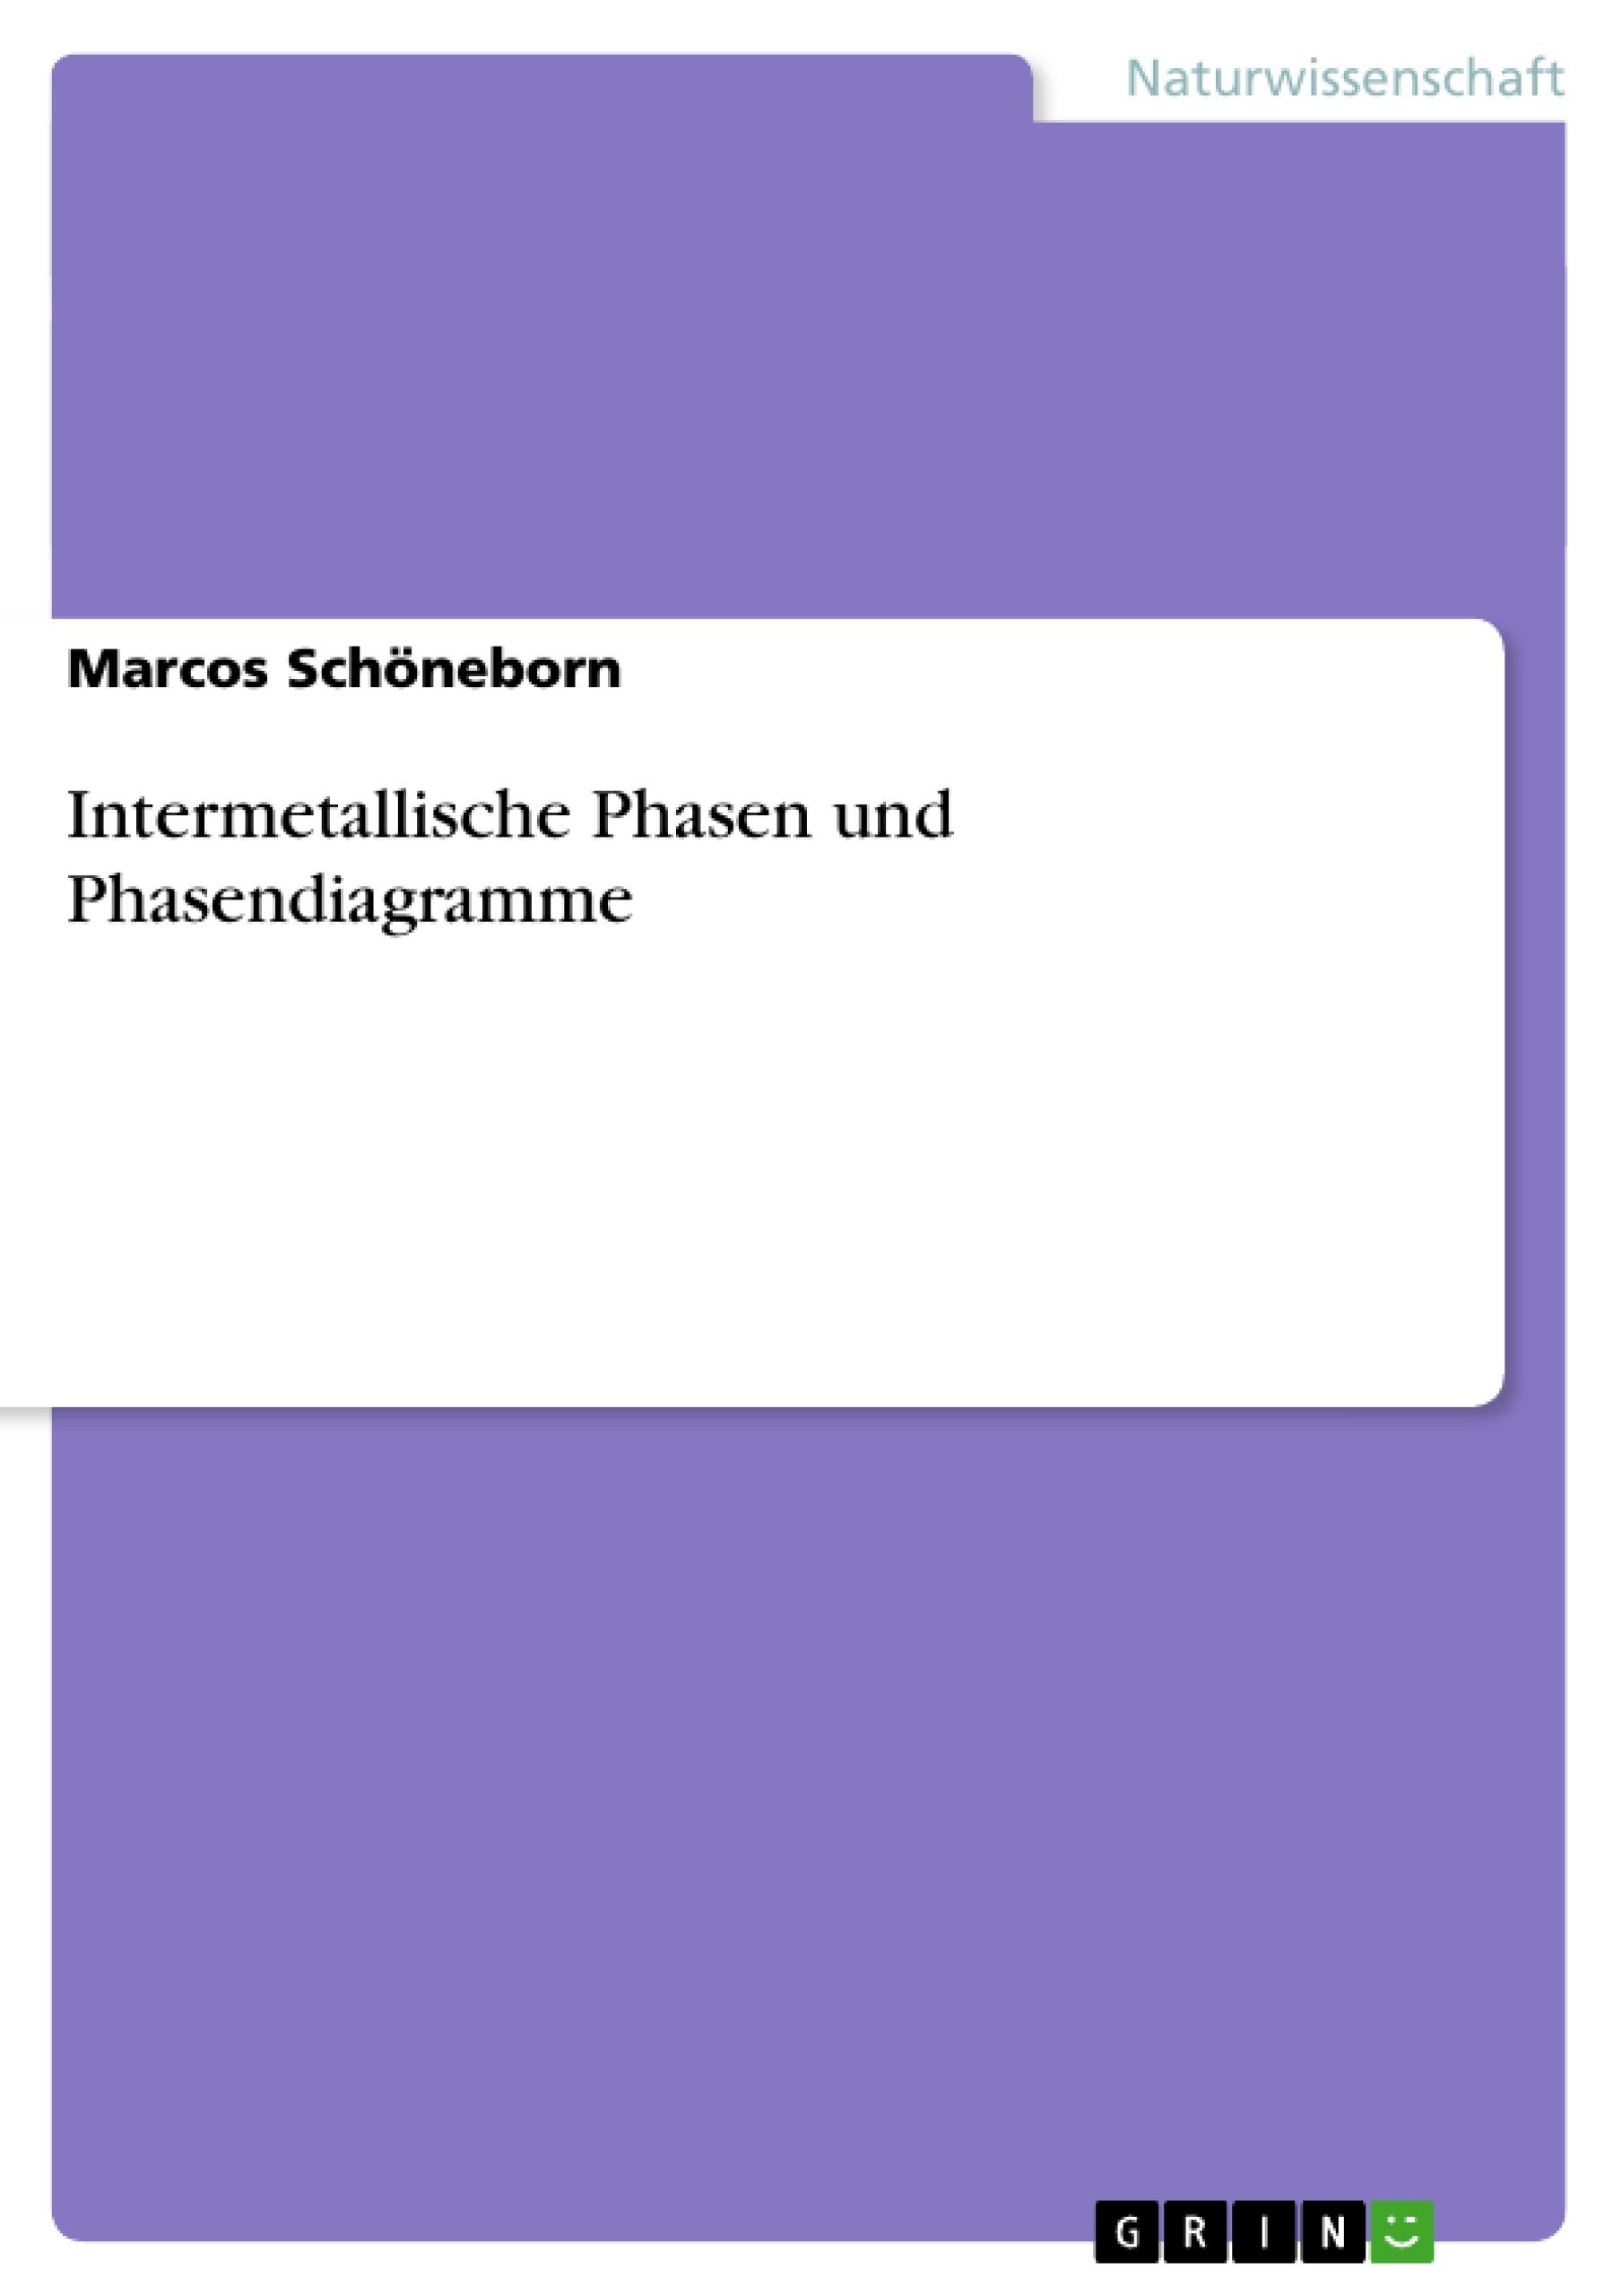 pdf Geschlechter: Zur Kritik und Neubestimmung geschlechterbezogener Sozialisation und